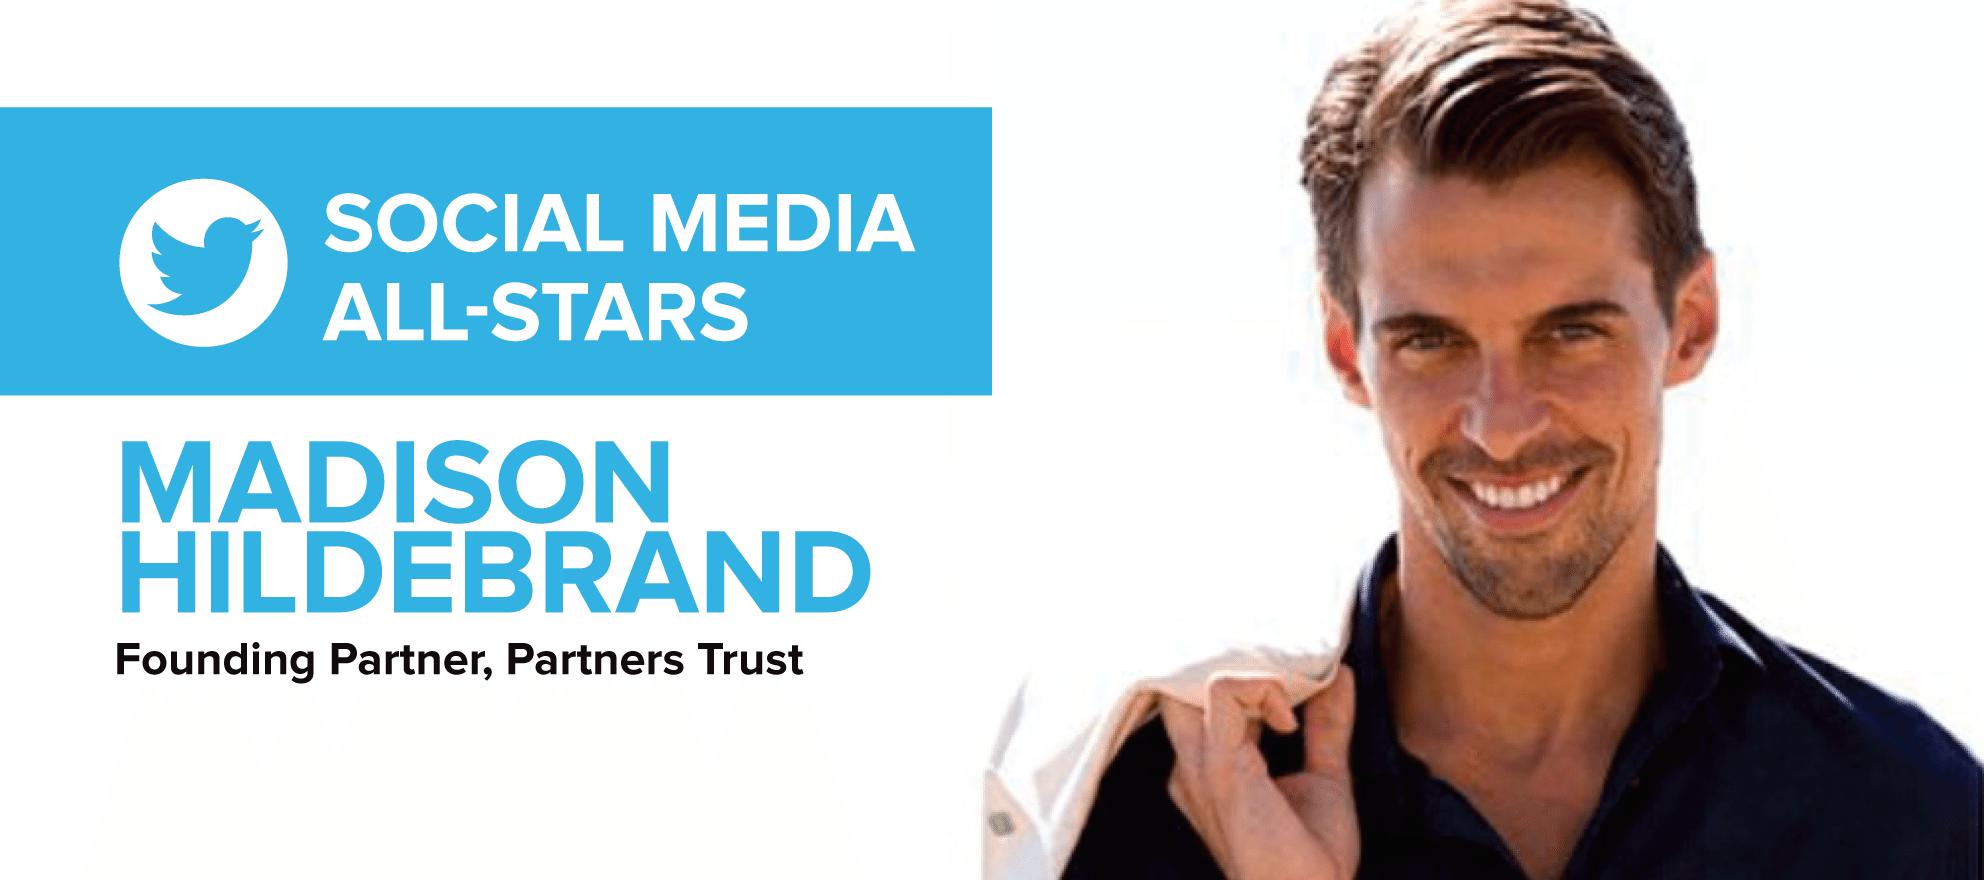 Inside Madison Hildebrand's world of social media